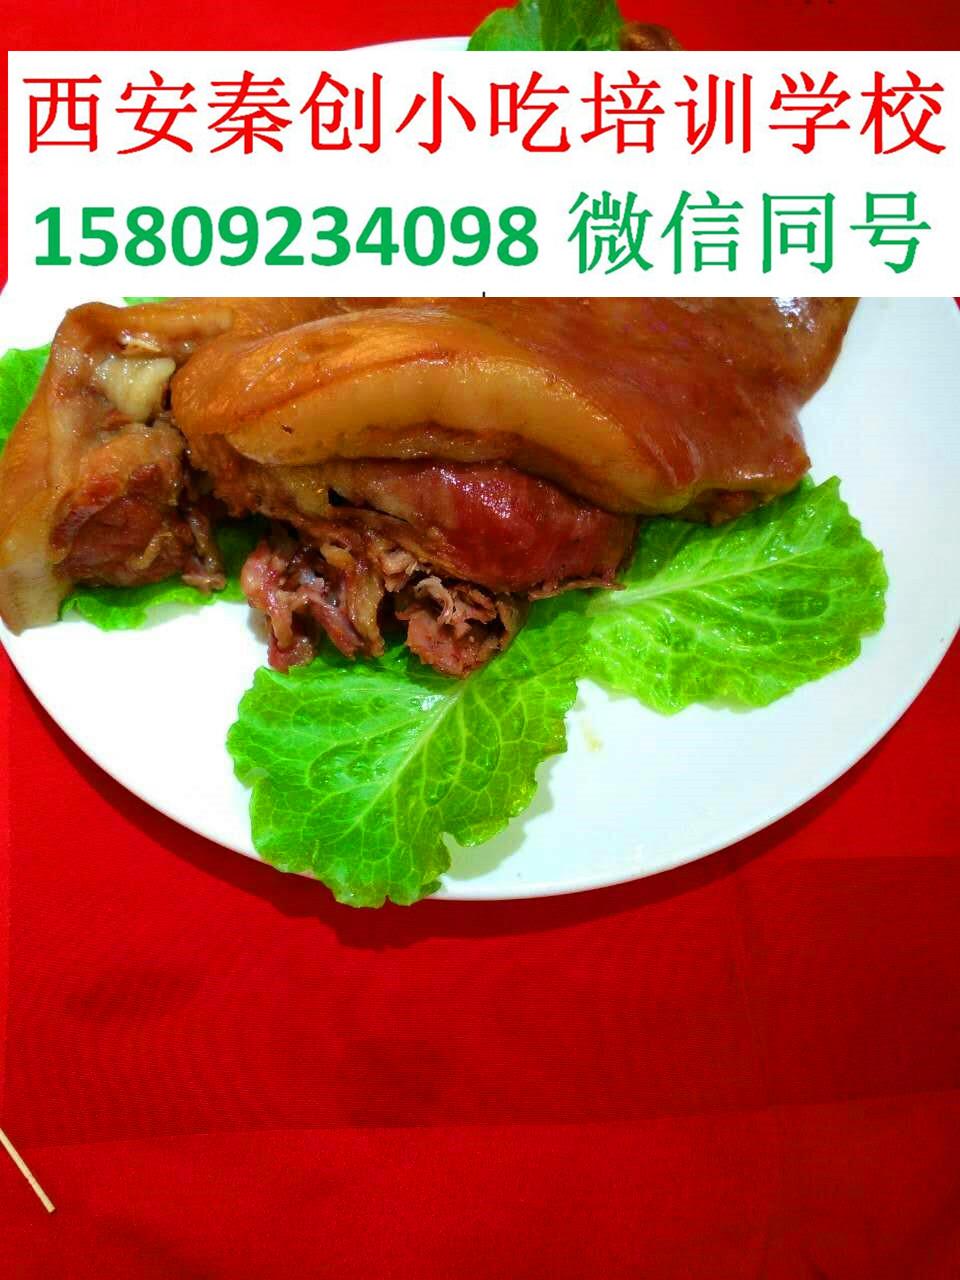 赣州卤肉培训多少钱?西安秦创卤肉培训